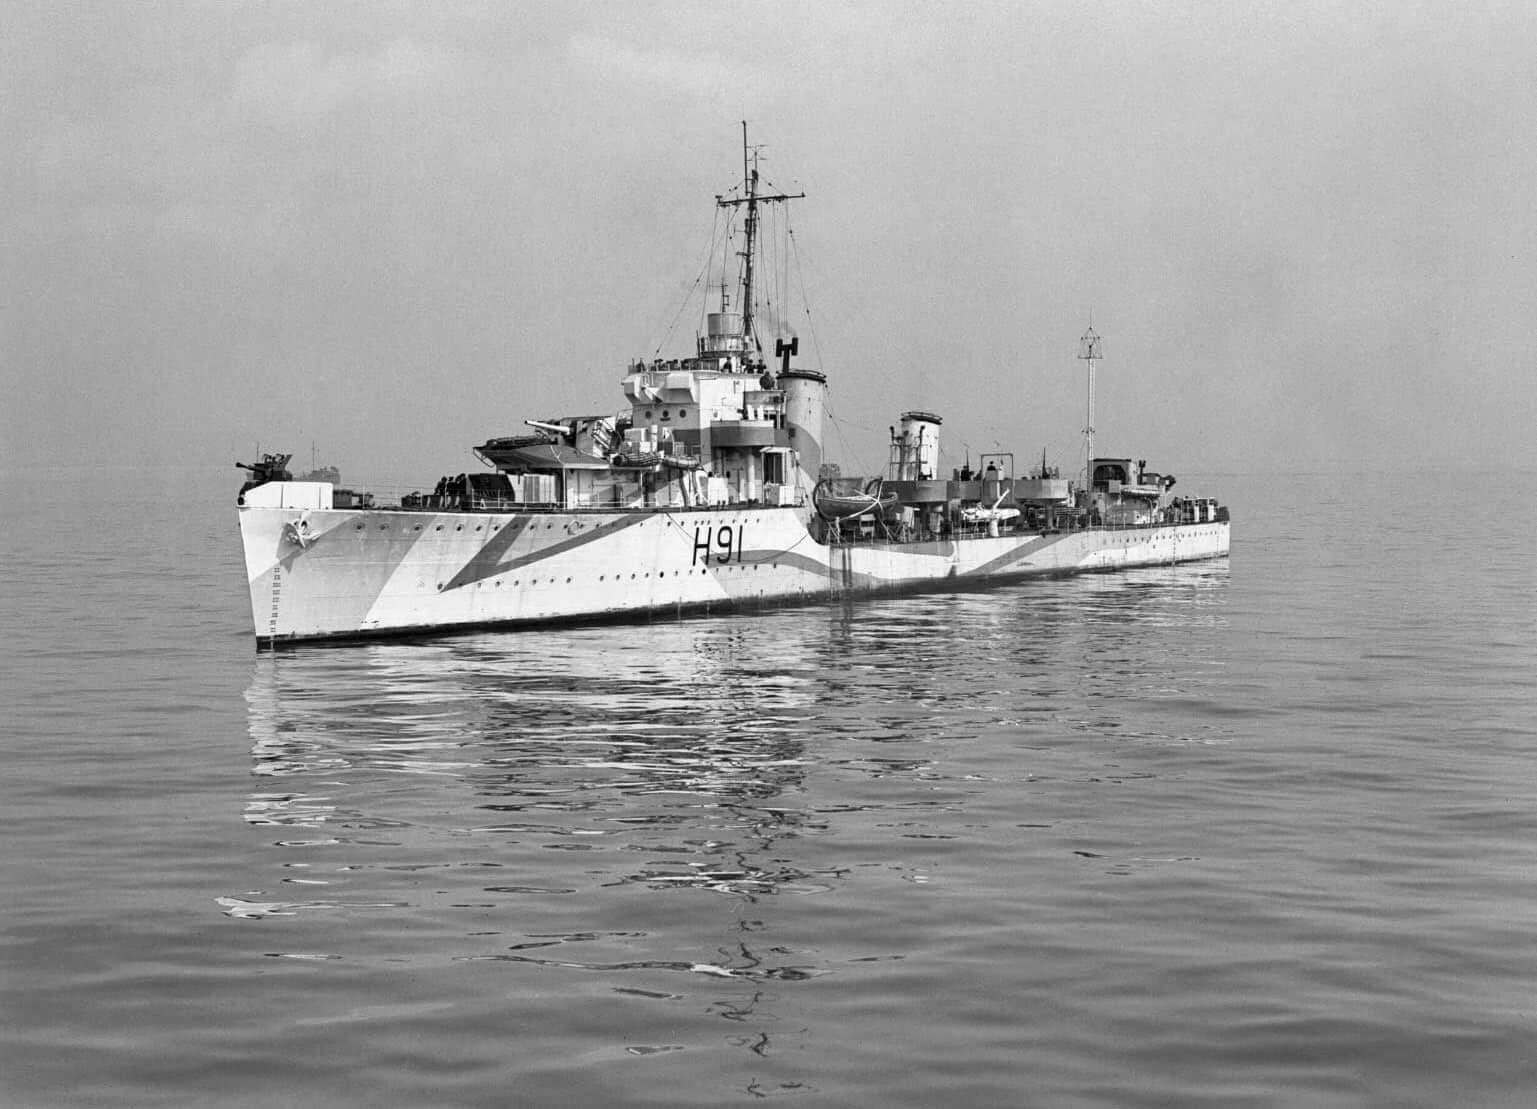 HMS Bulldog at sea